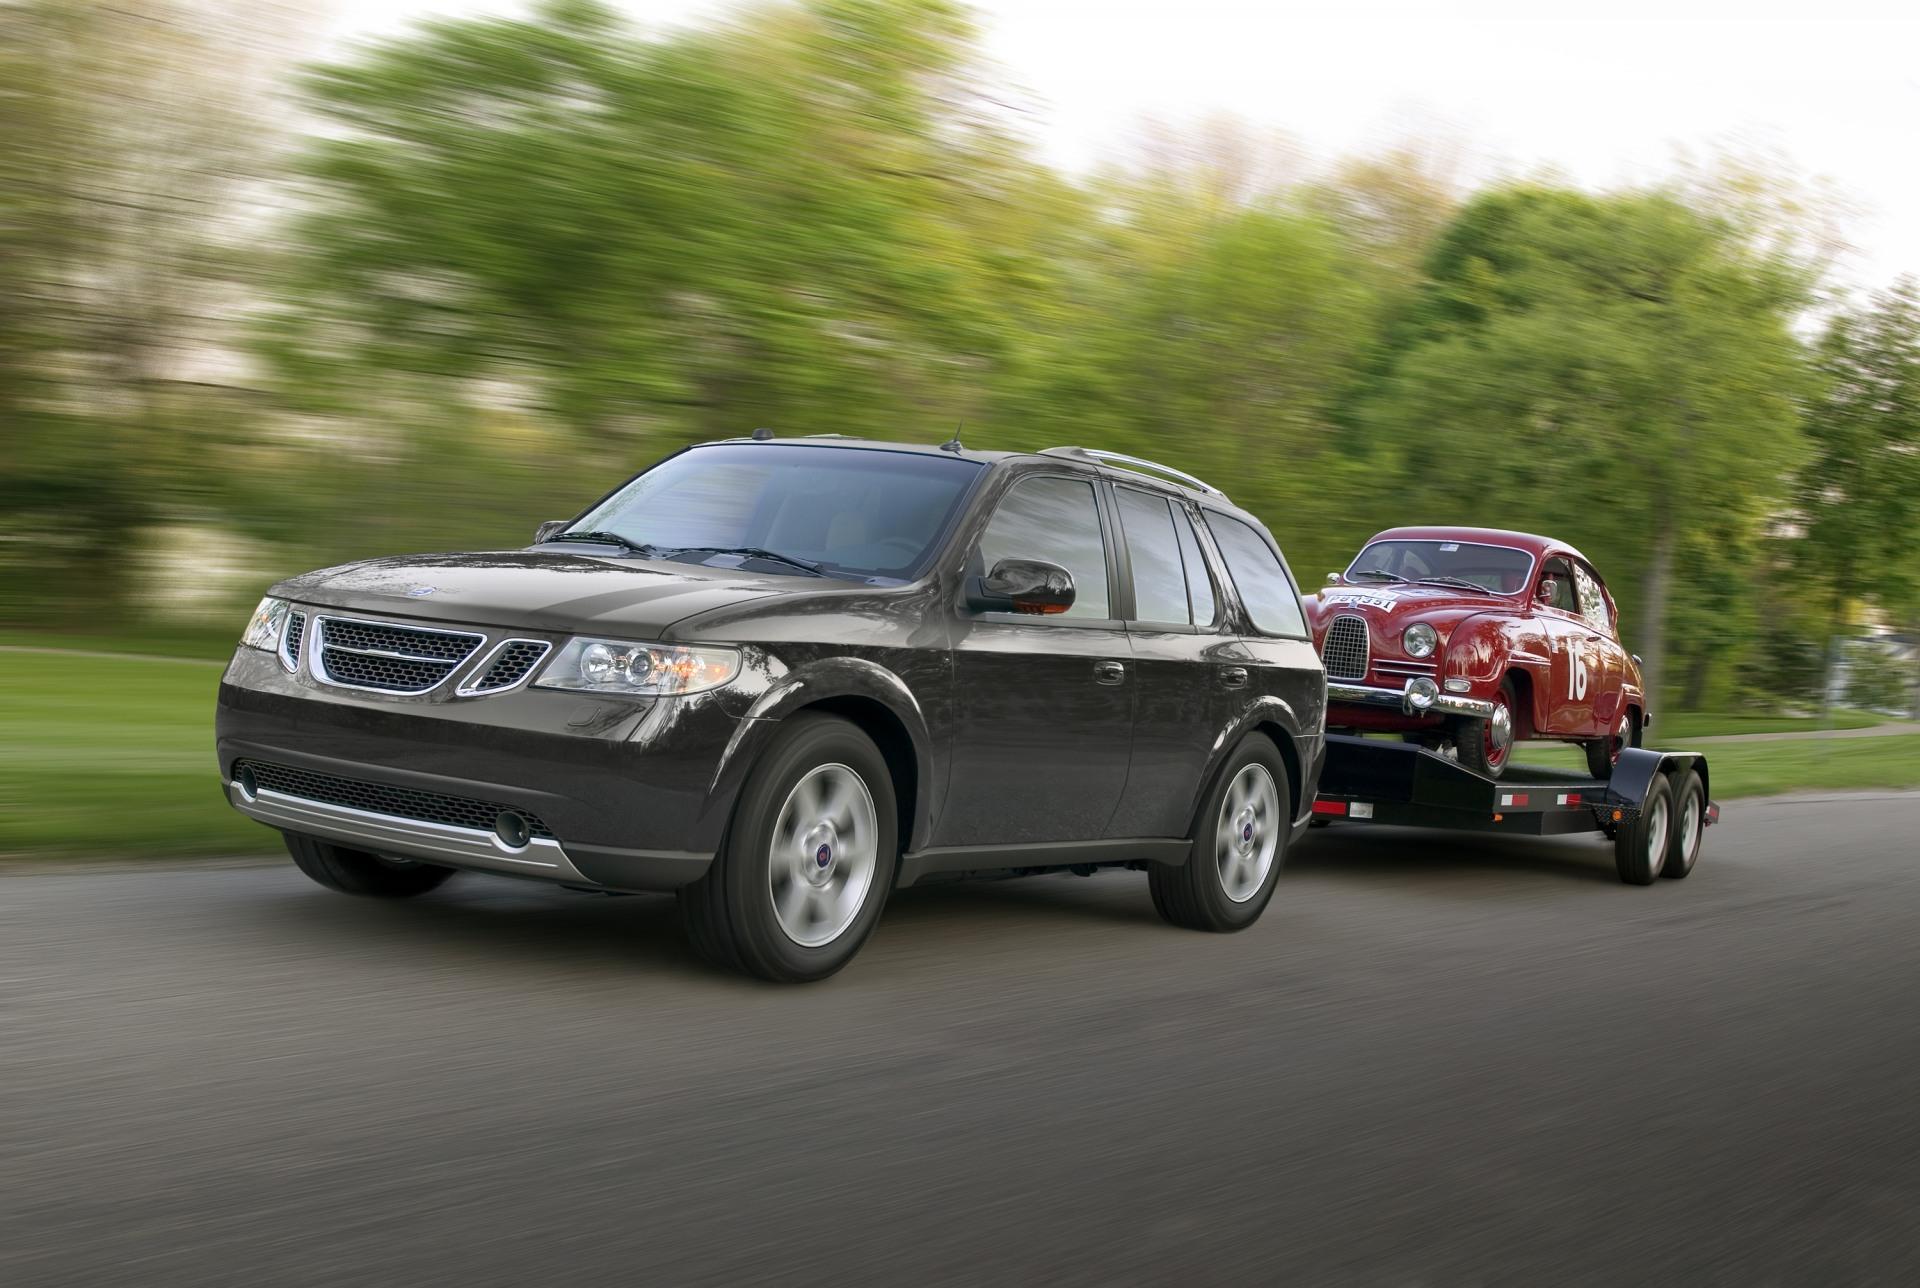 2009 saab 9 7x - 2009 Saab 9 7x 37